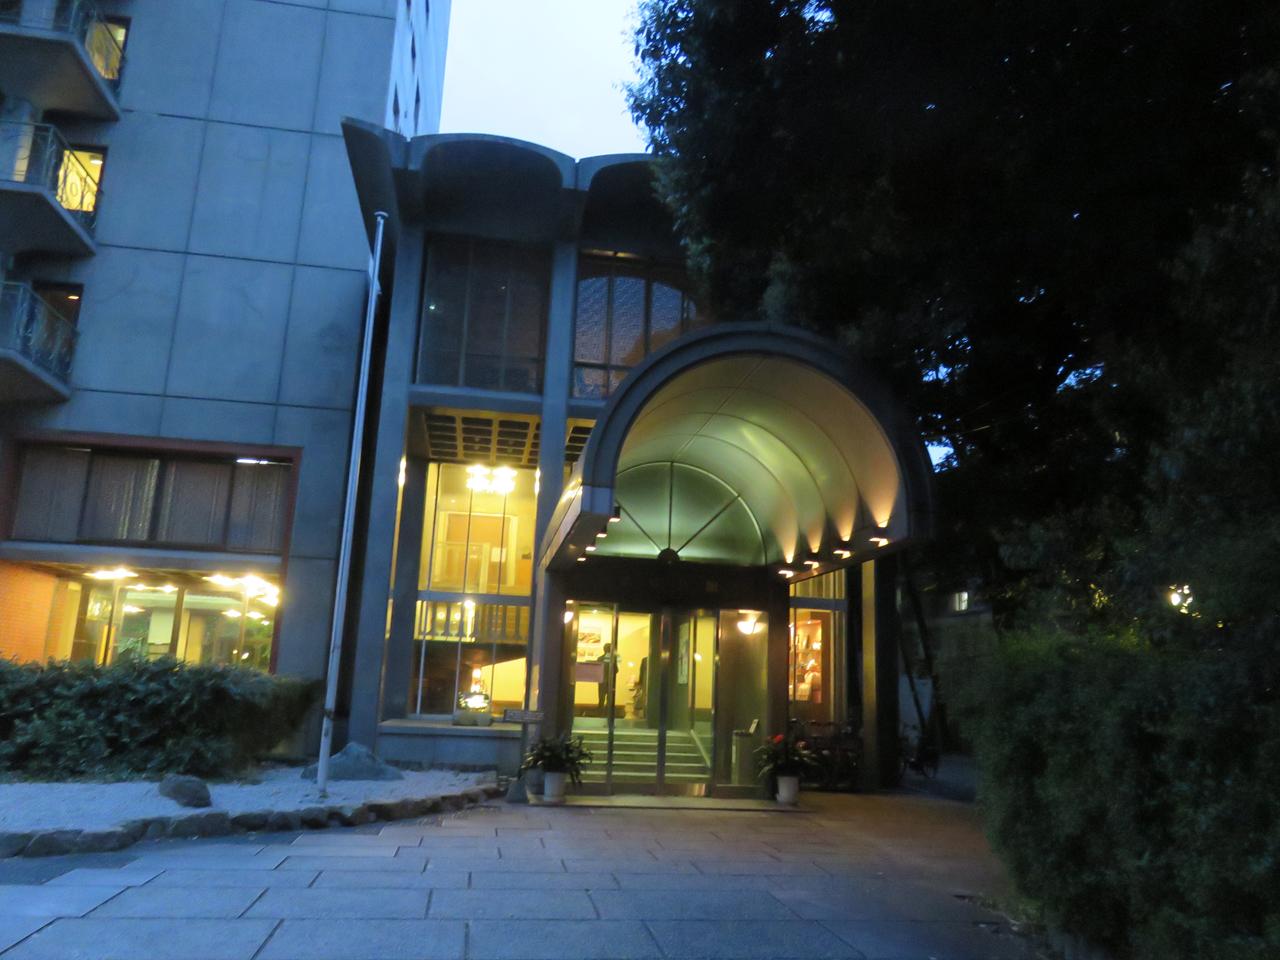 趣深いアンティークな宿?【東京さぬき倶楽部】で讃岐うどんのお土産もらおう。